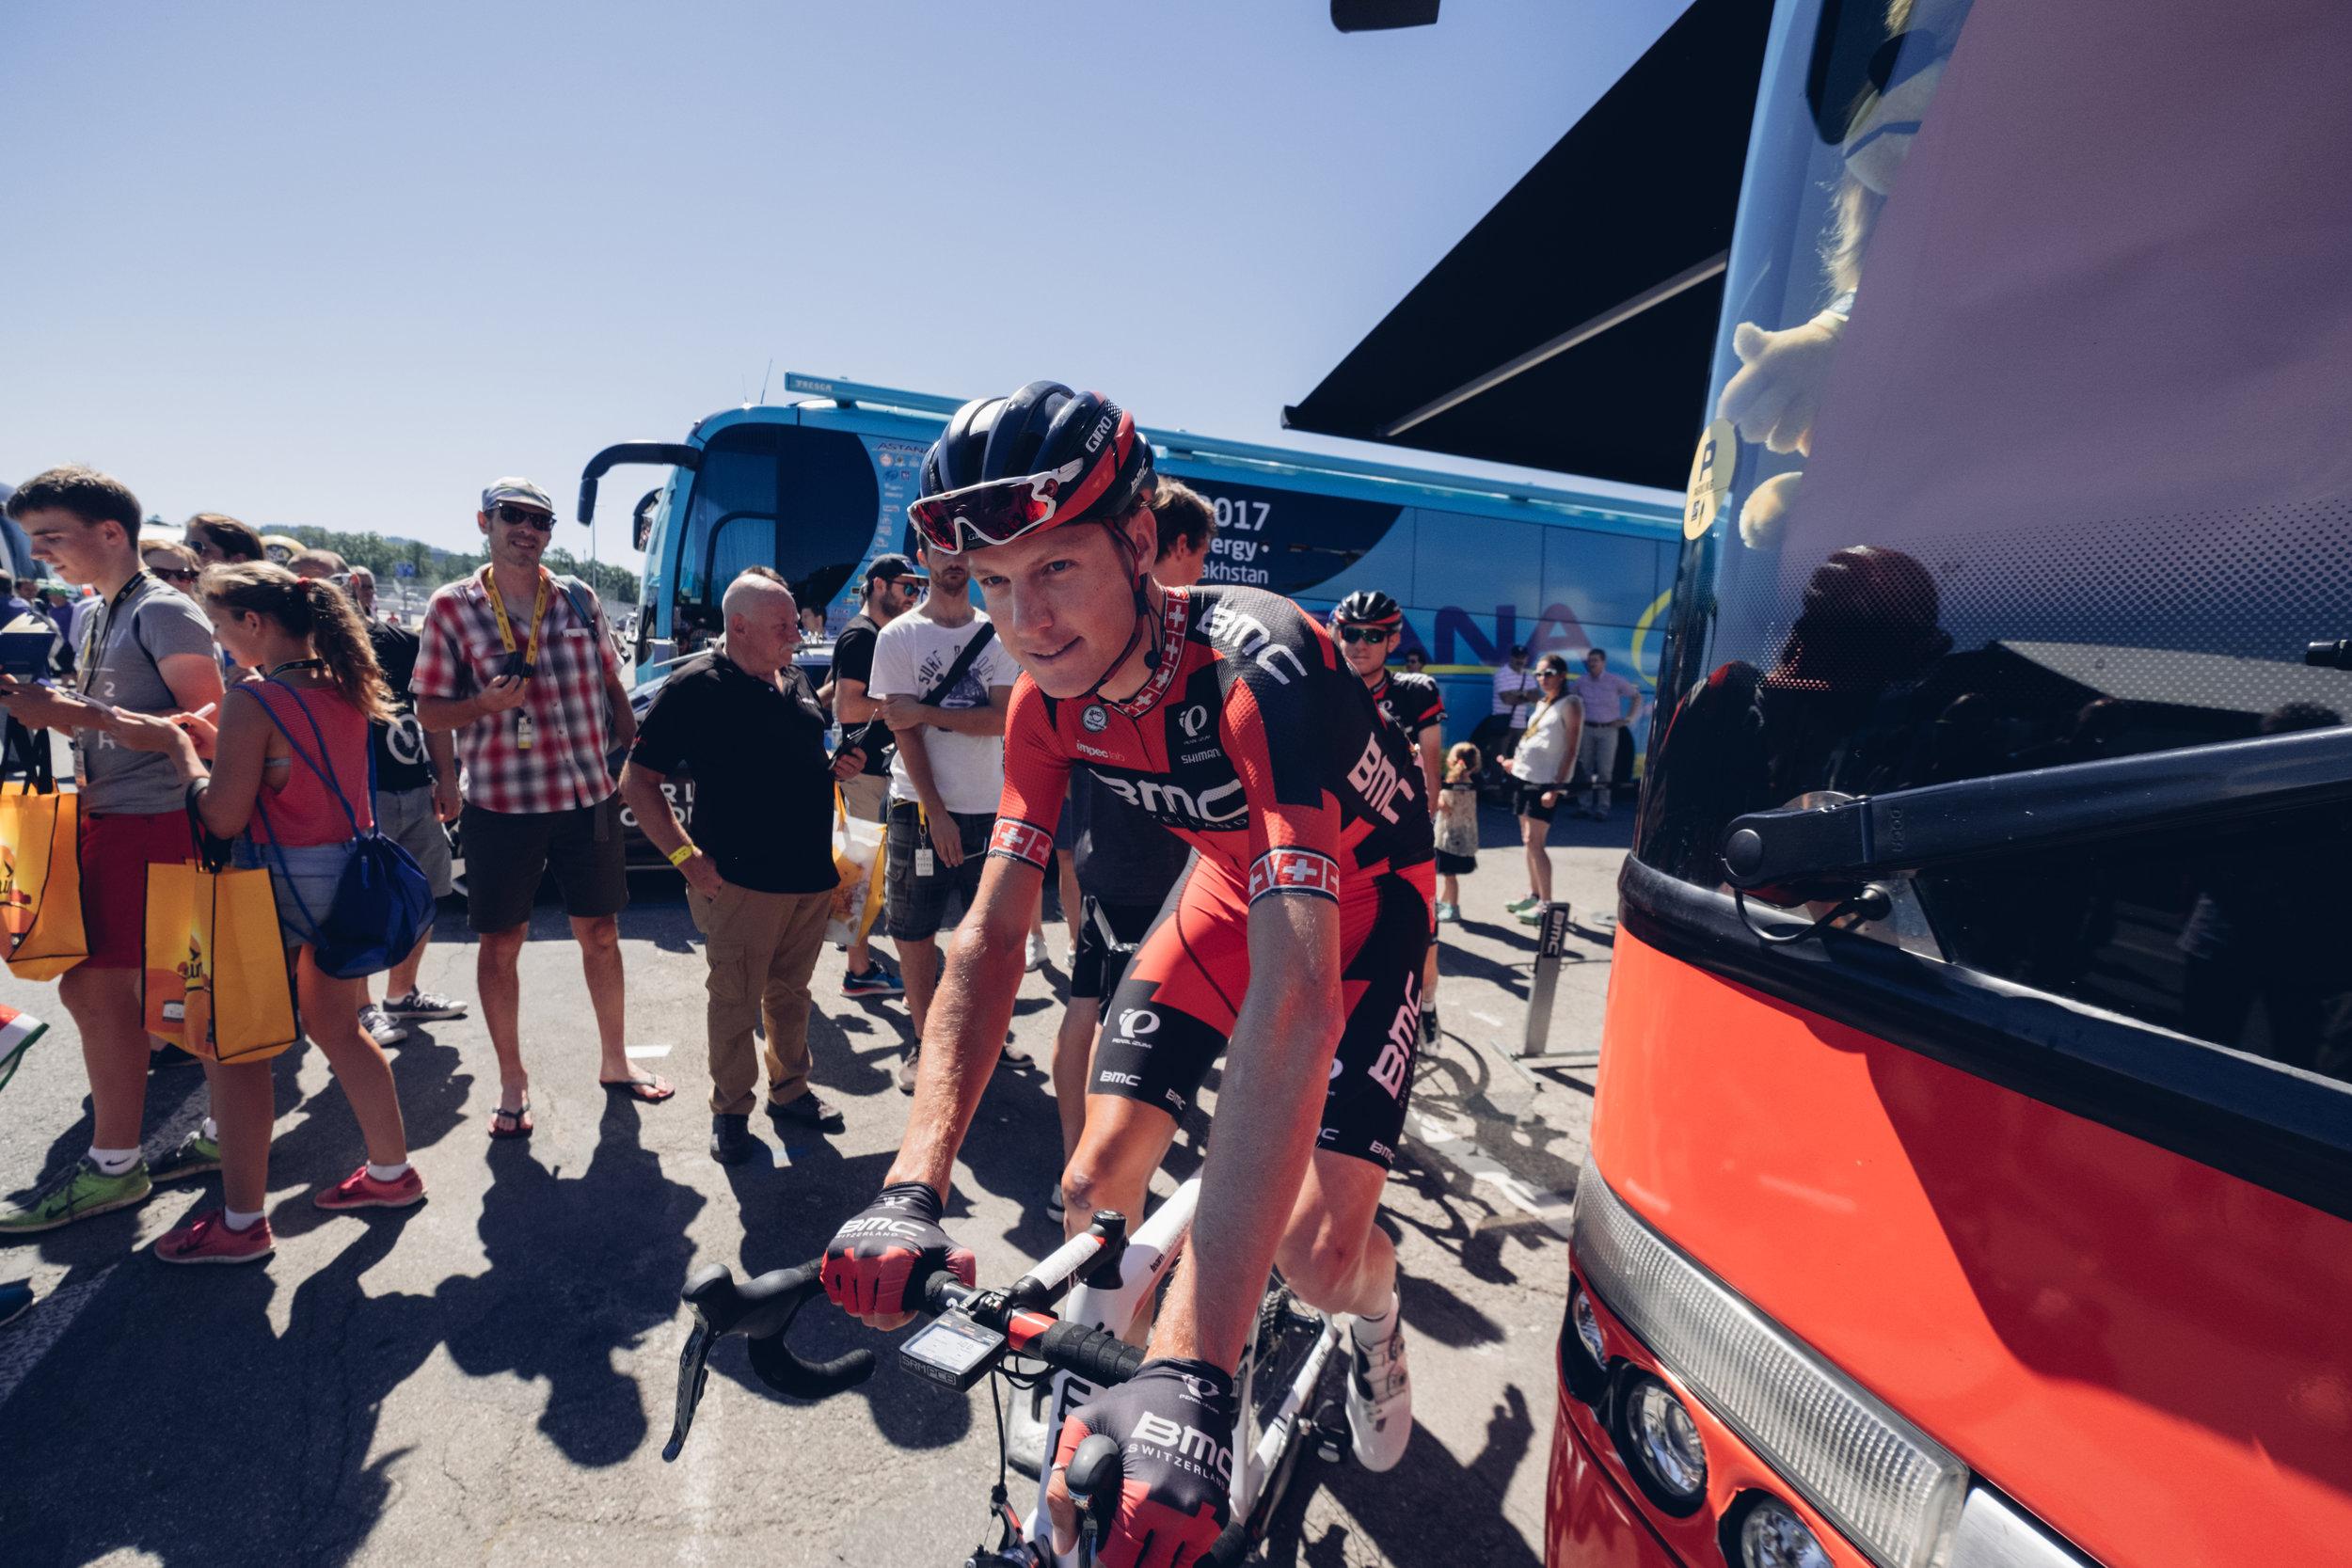 Und Lost gehts!    Herzlichen Dank an das BMC Proteam, BMC Switzerland und Michael Schär für die Einblicke in das Leben an der Tour de France